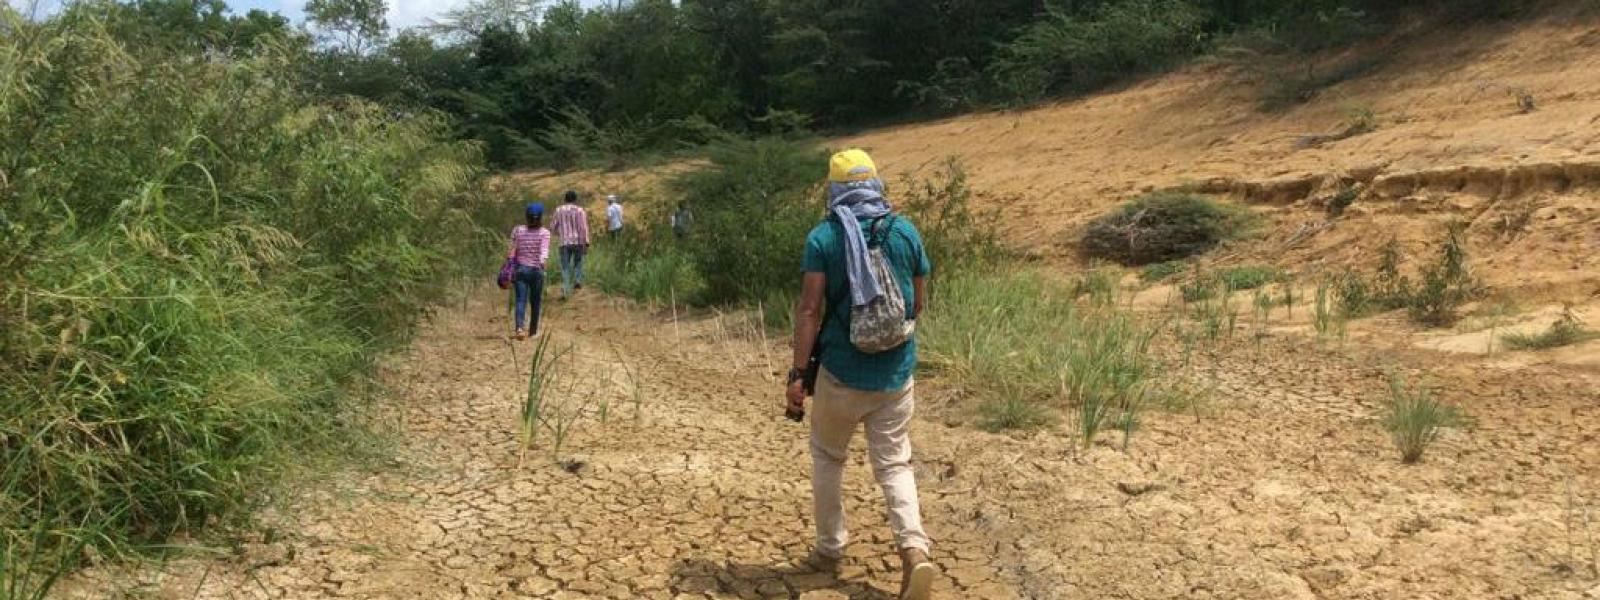 Un camino seco fue lo que dejó el desvío del arroyo Bruno en la Guajira, Colombia